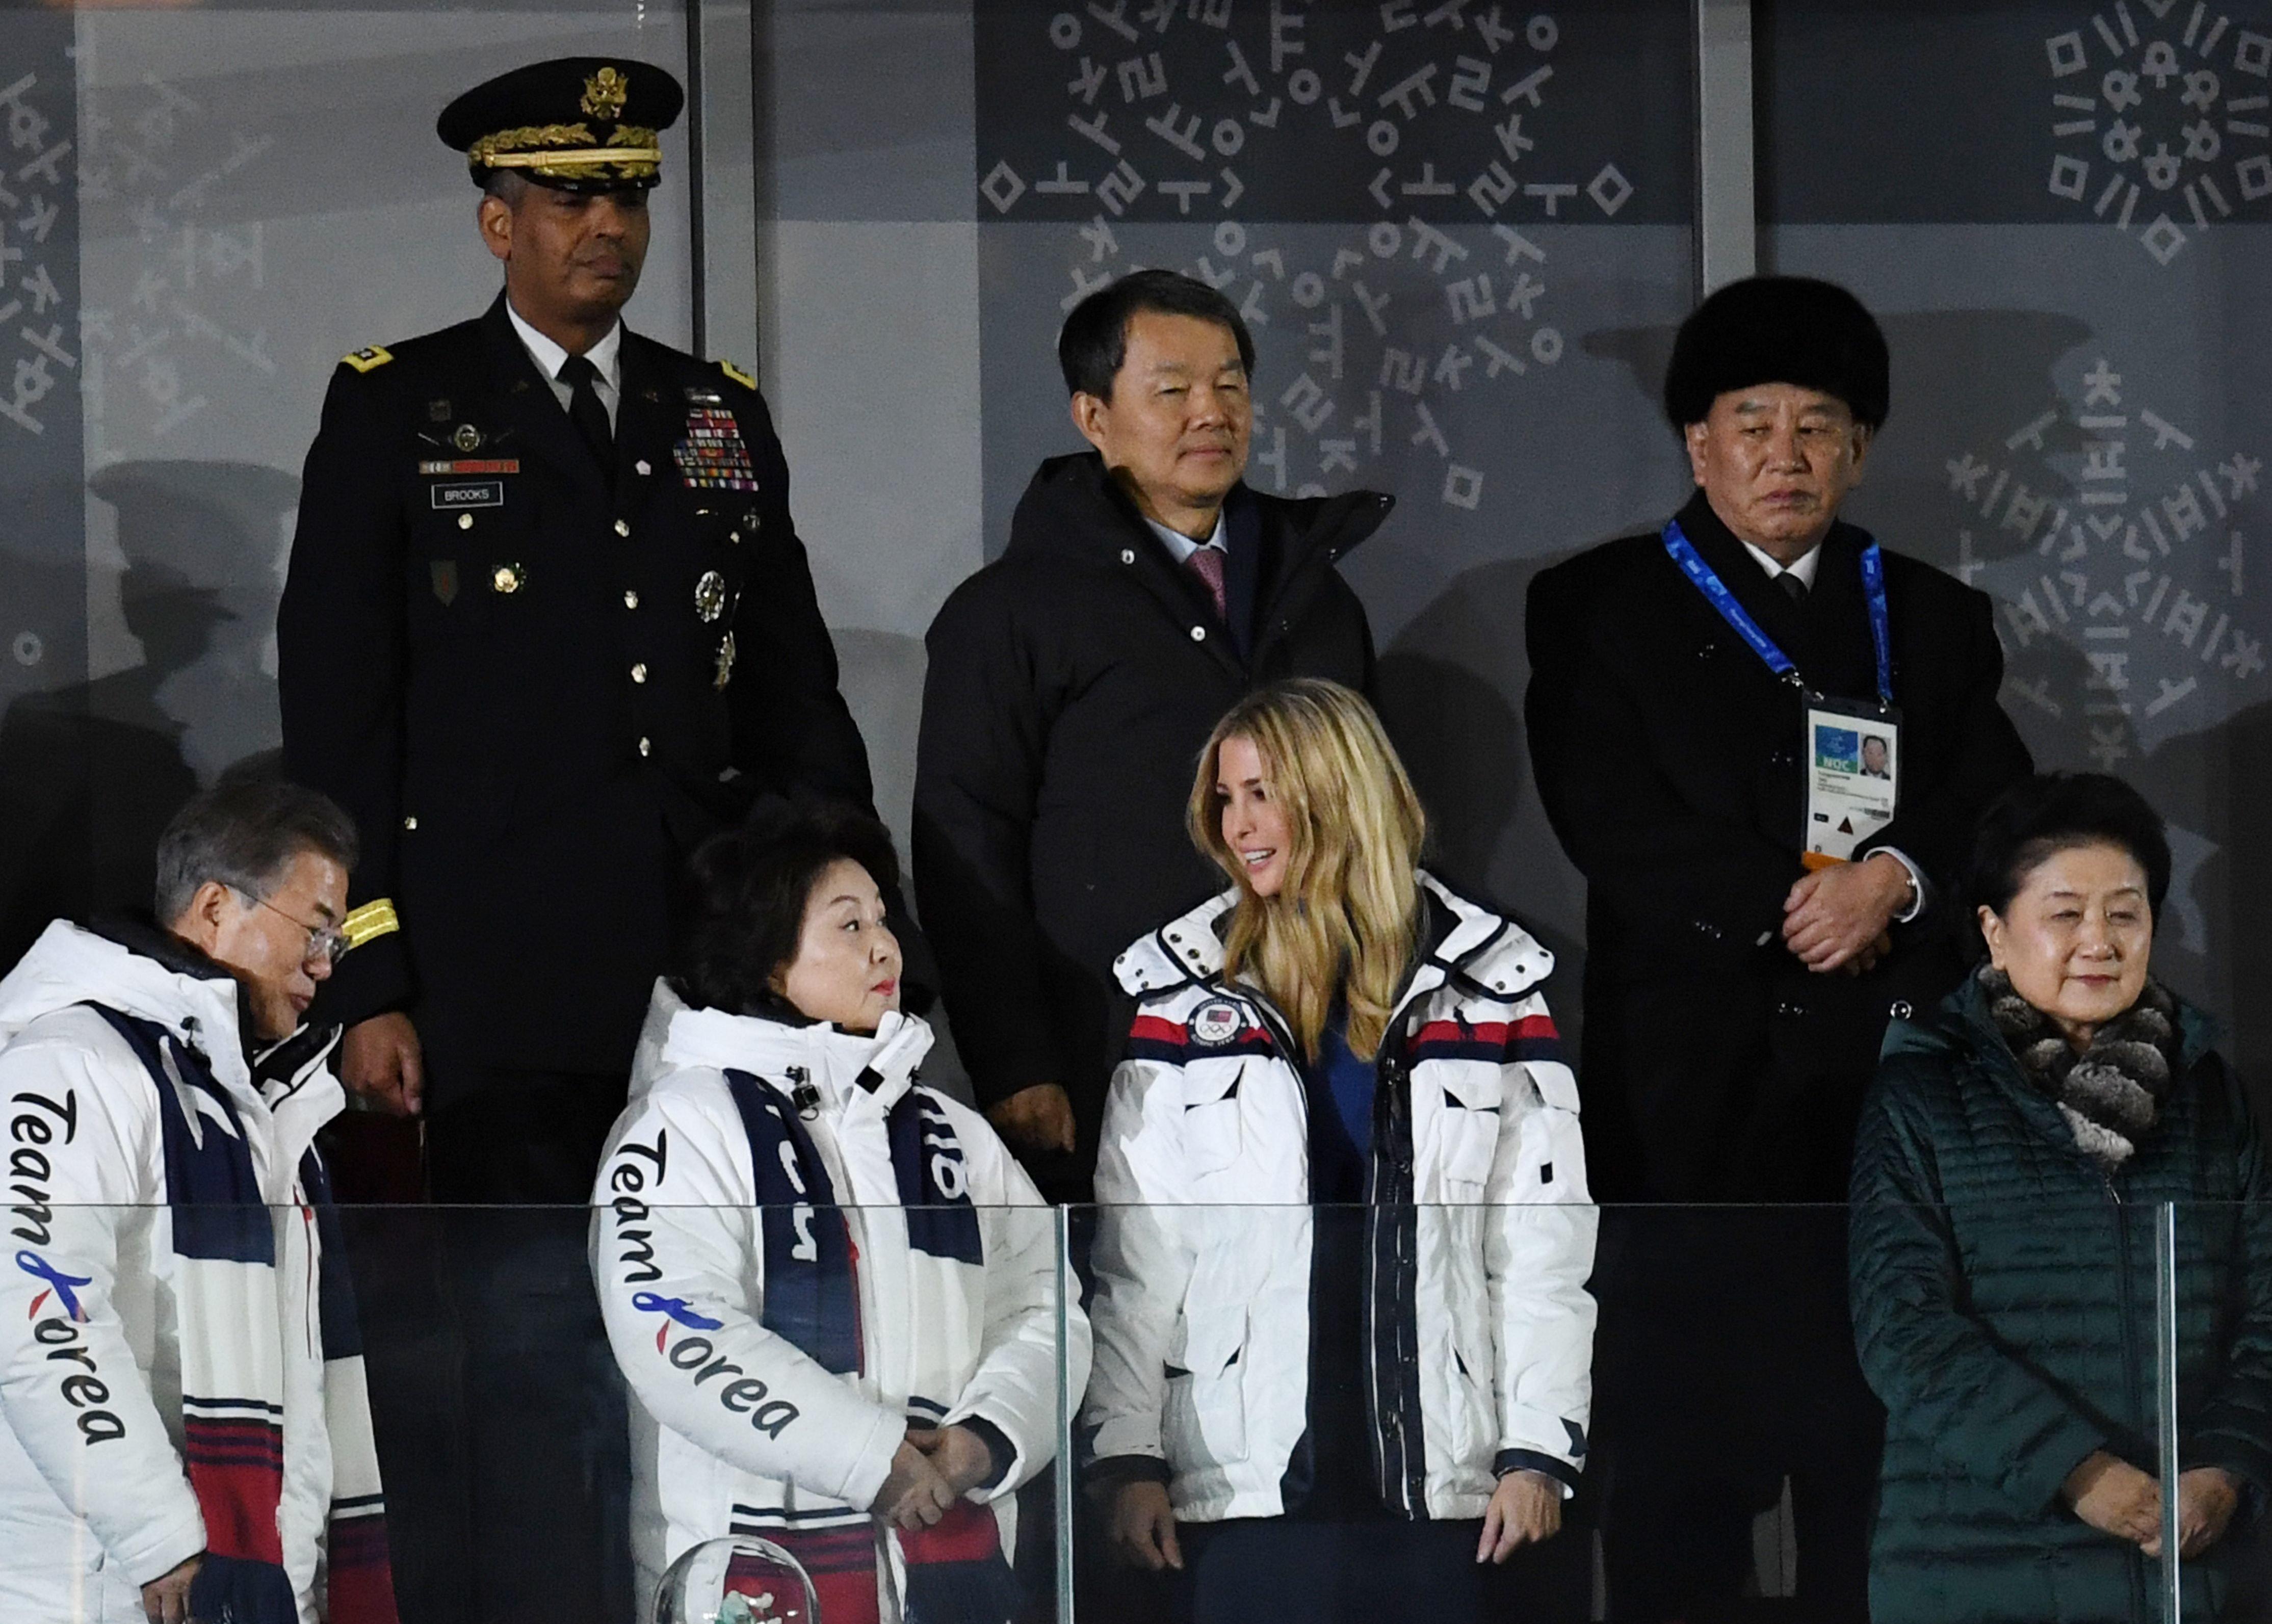 김영철과 이방카 트럼프가 올림픽 폐회식에